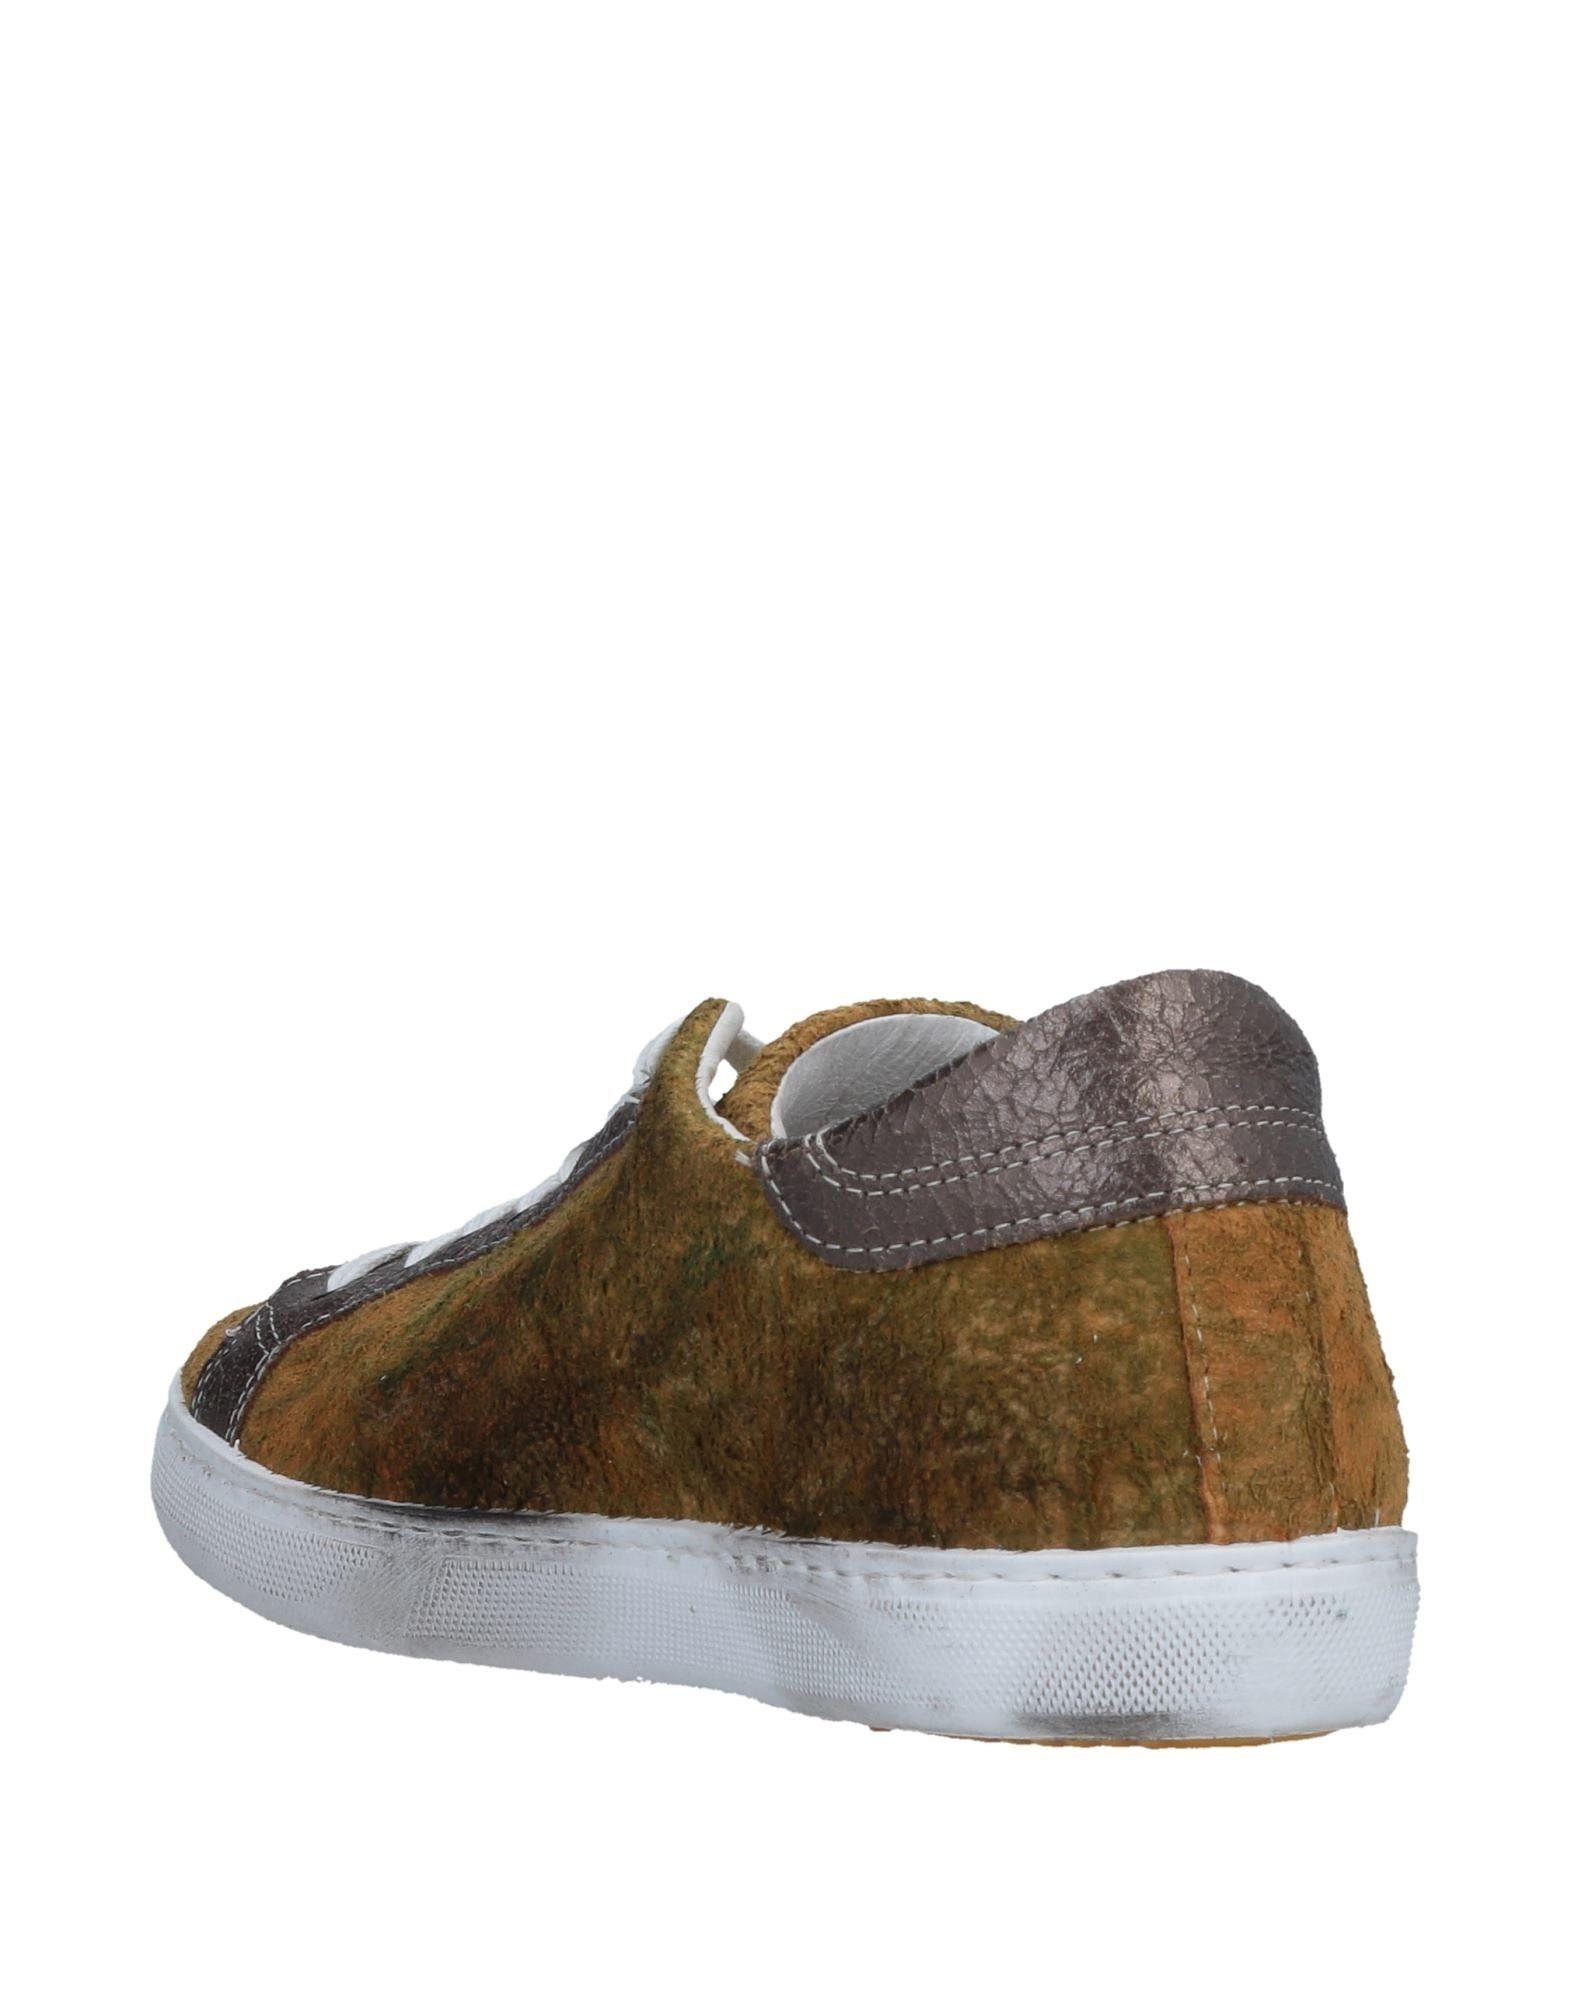 Moda Sneakers 2Star Uomo - 11504636OG